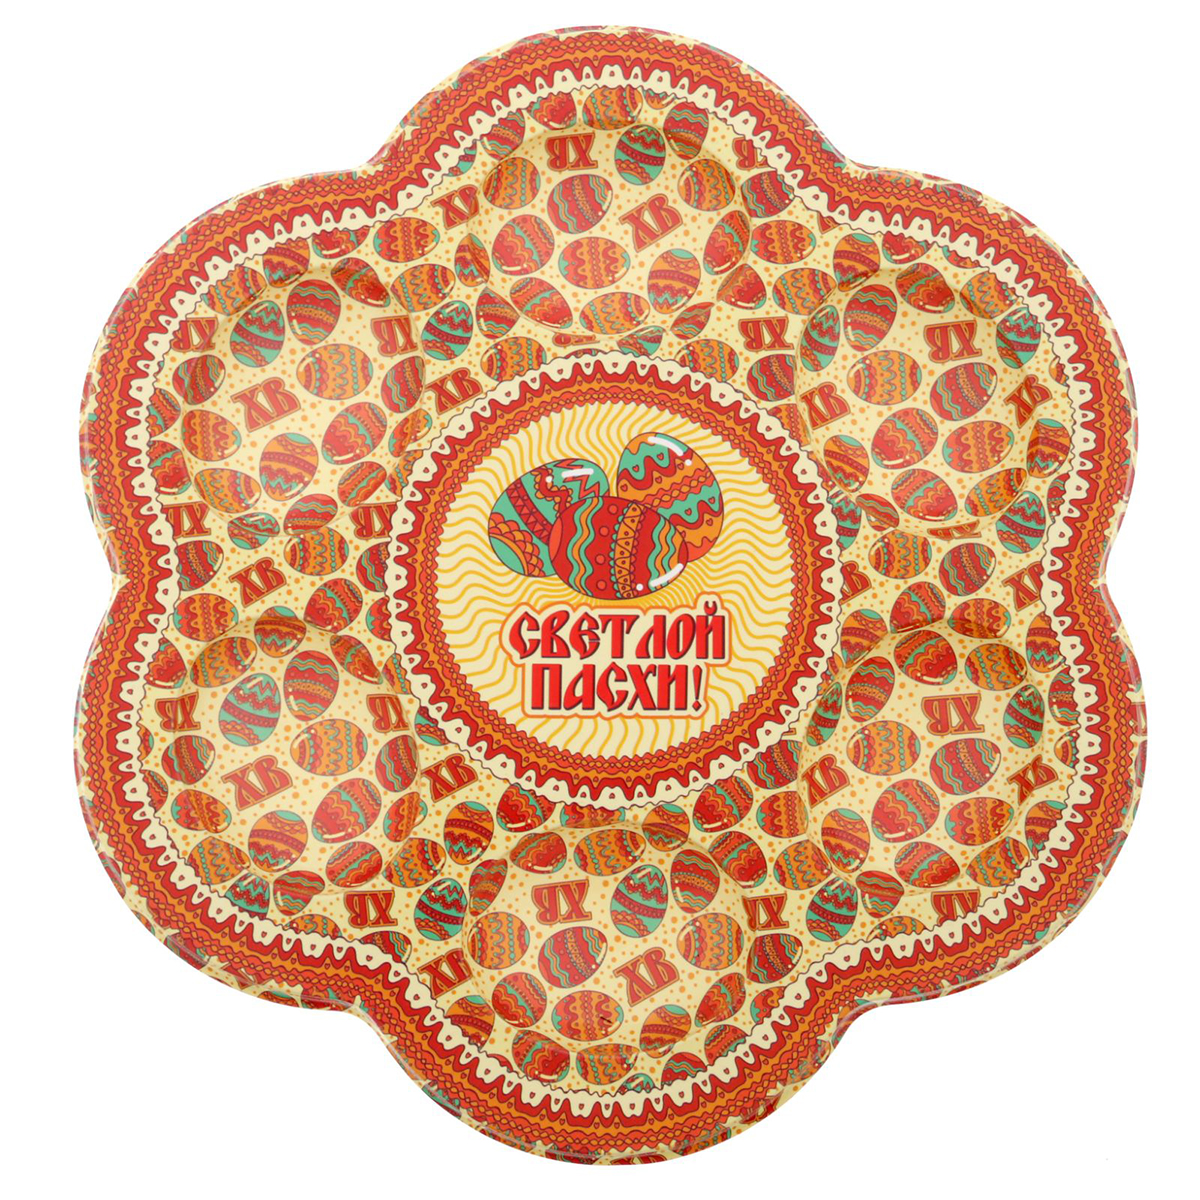 """От качества посуды зависит не только вкус еды, но и здоровье человека. Пасхальная подставка на 6 яиц """"Пасхальный паттерн"""" — товар, соответствующий российским стандартам качества. Любой хозяйке будет приятно держать его в руках. С данной посудой и кухонной утварью приготовление еды и сервировка стола превратятся в настоящий праздник."""